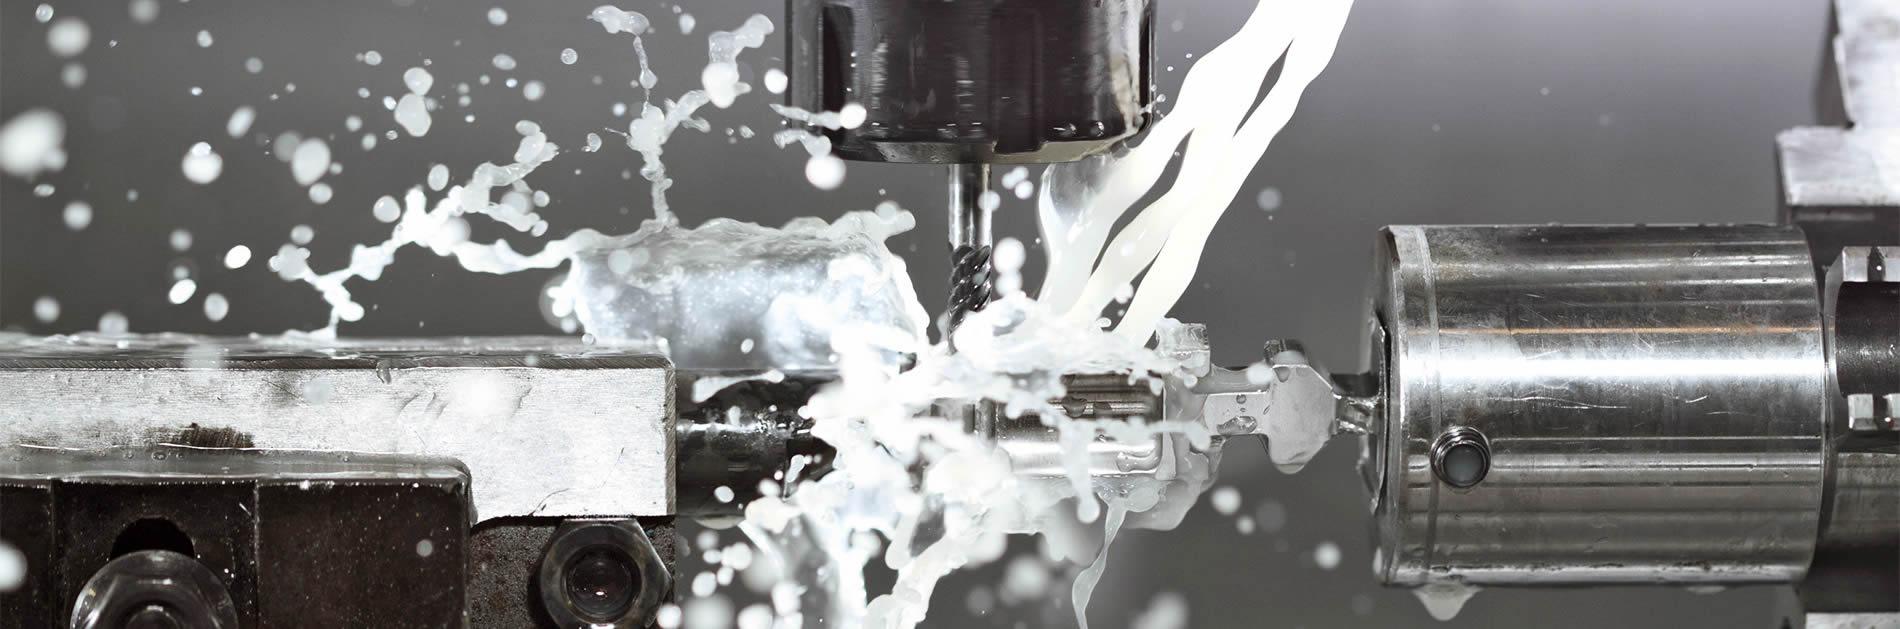 macchine industriali Lamep